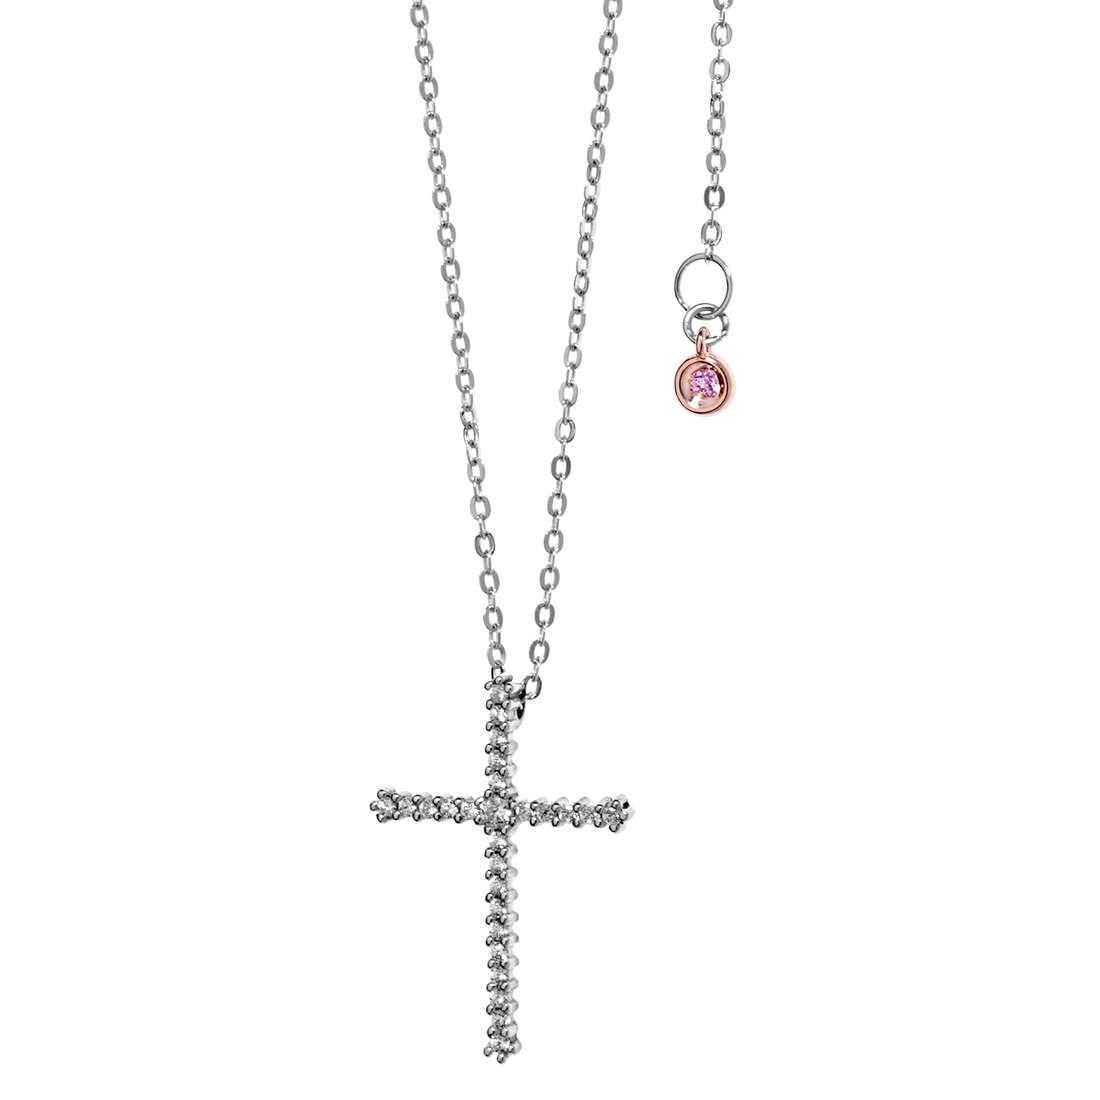 collana donna gioielli Comete Pietre preziose colorate GLB 881